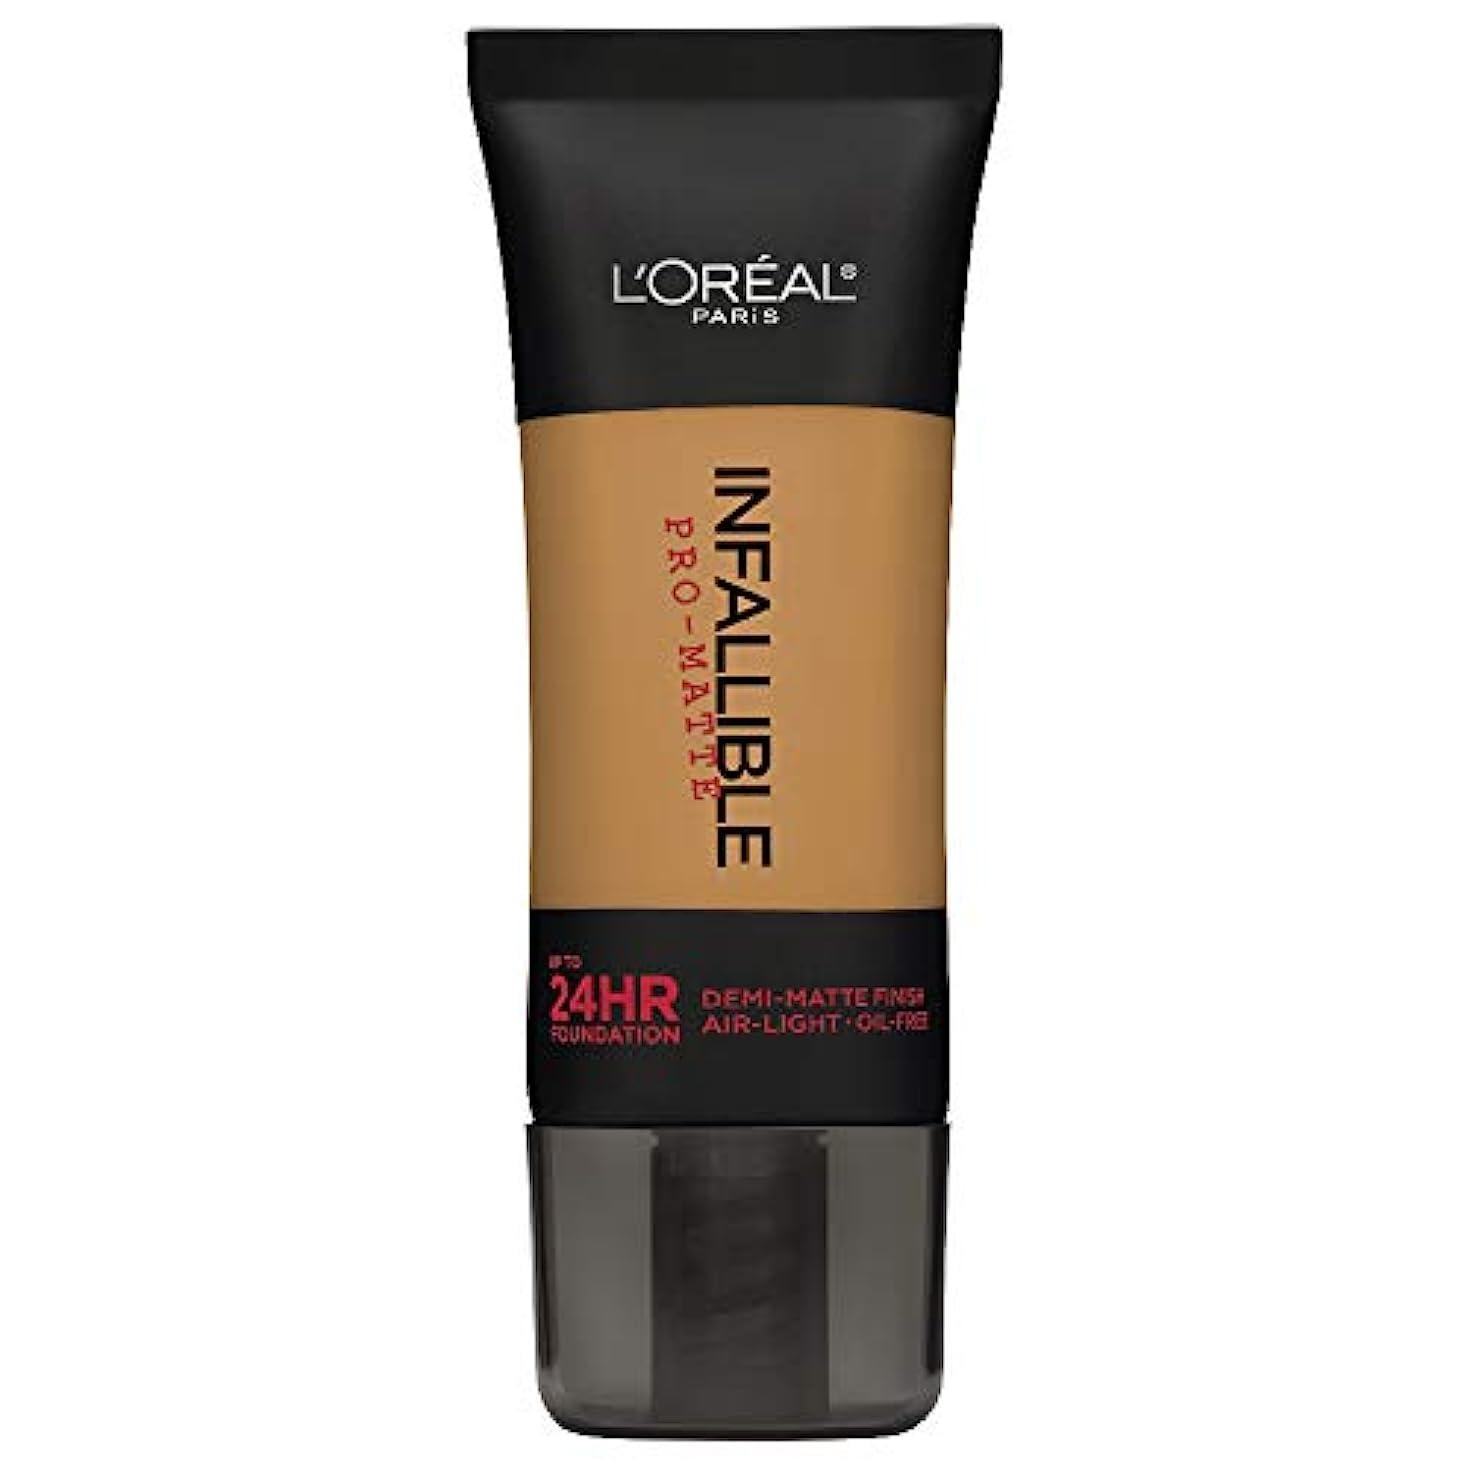 マディソン成分コマンドL'Oreal Paris Infallible Pro-Matte Foundation Makeup, 109 Classic Tan, 1 fl. oz[並行輸入品]